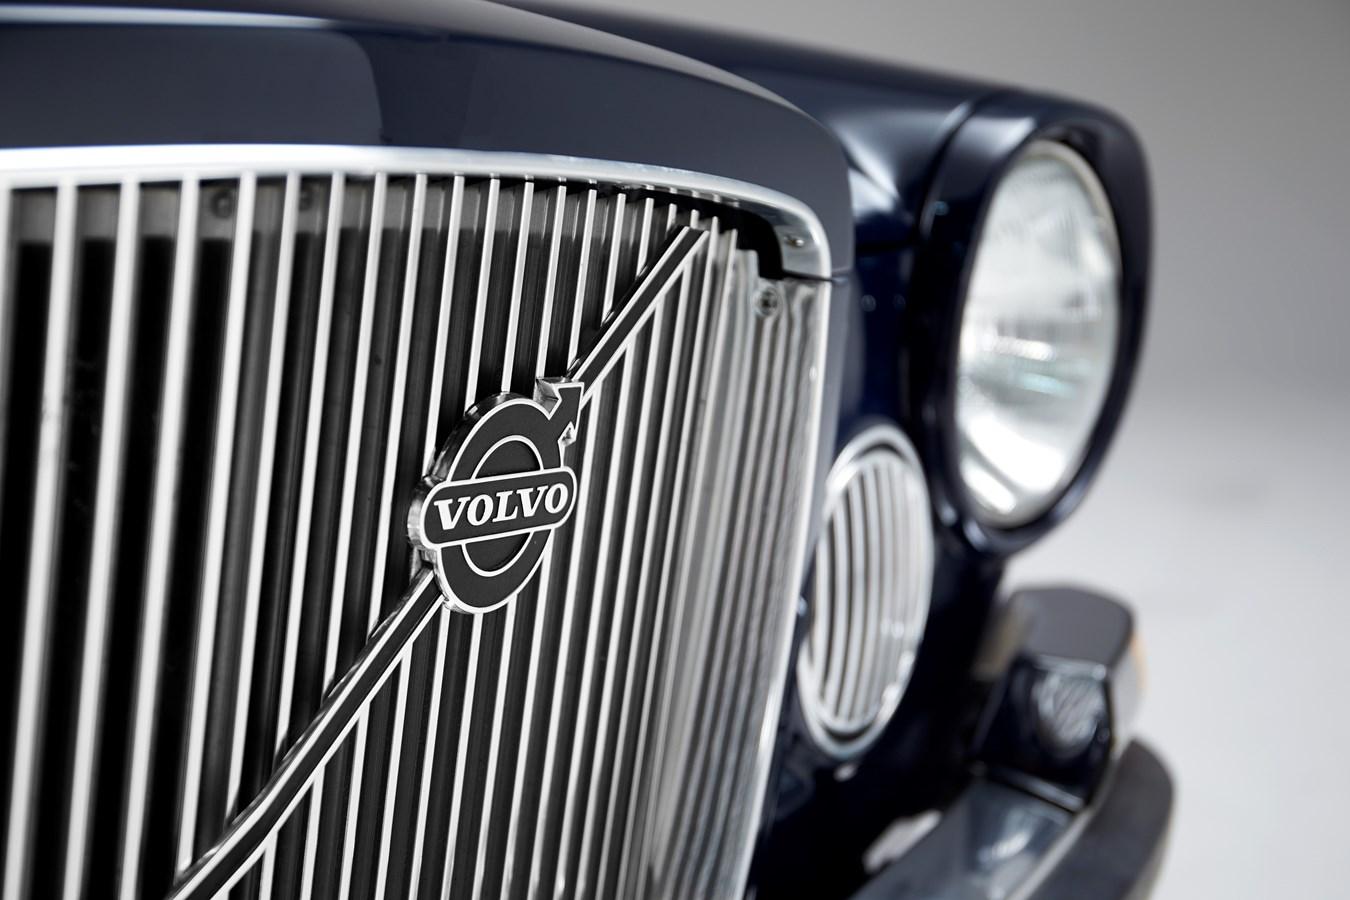 Oldtimer Der Volvo 164 Feiert Seinen 50 Geburtstag Scandicsteel